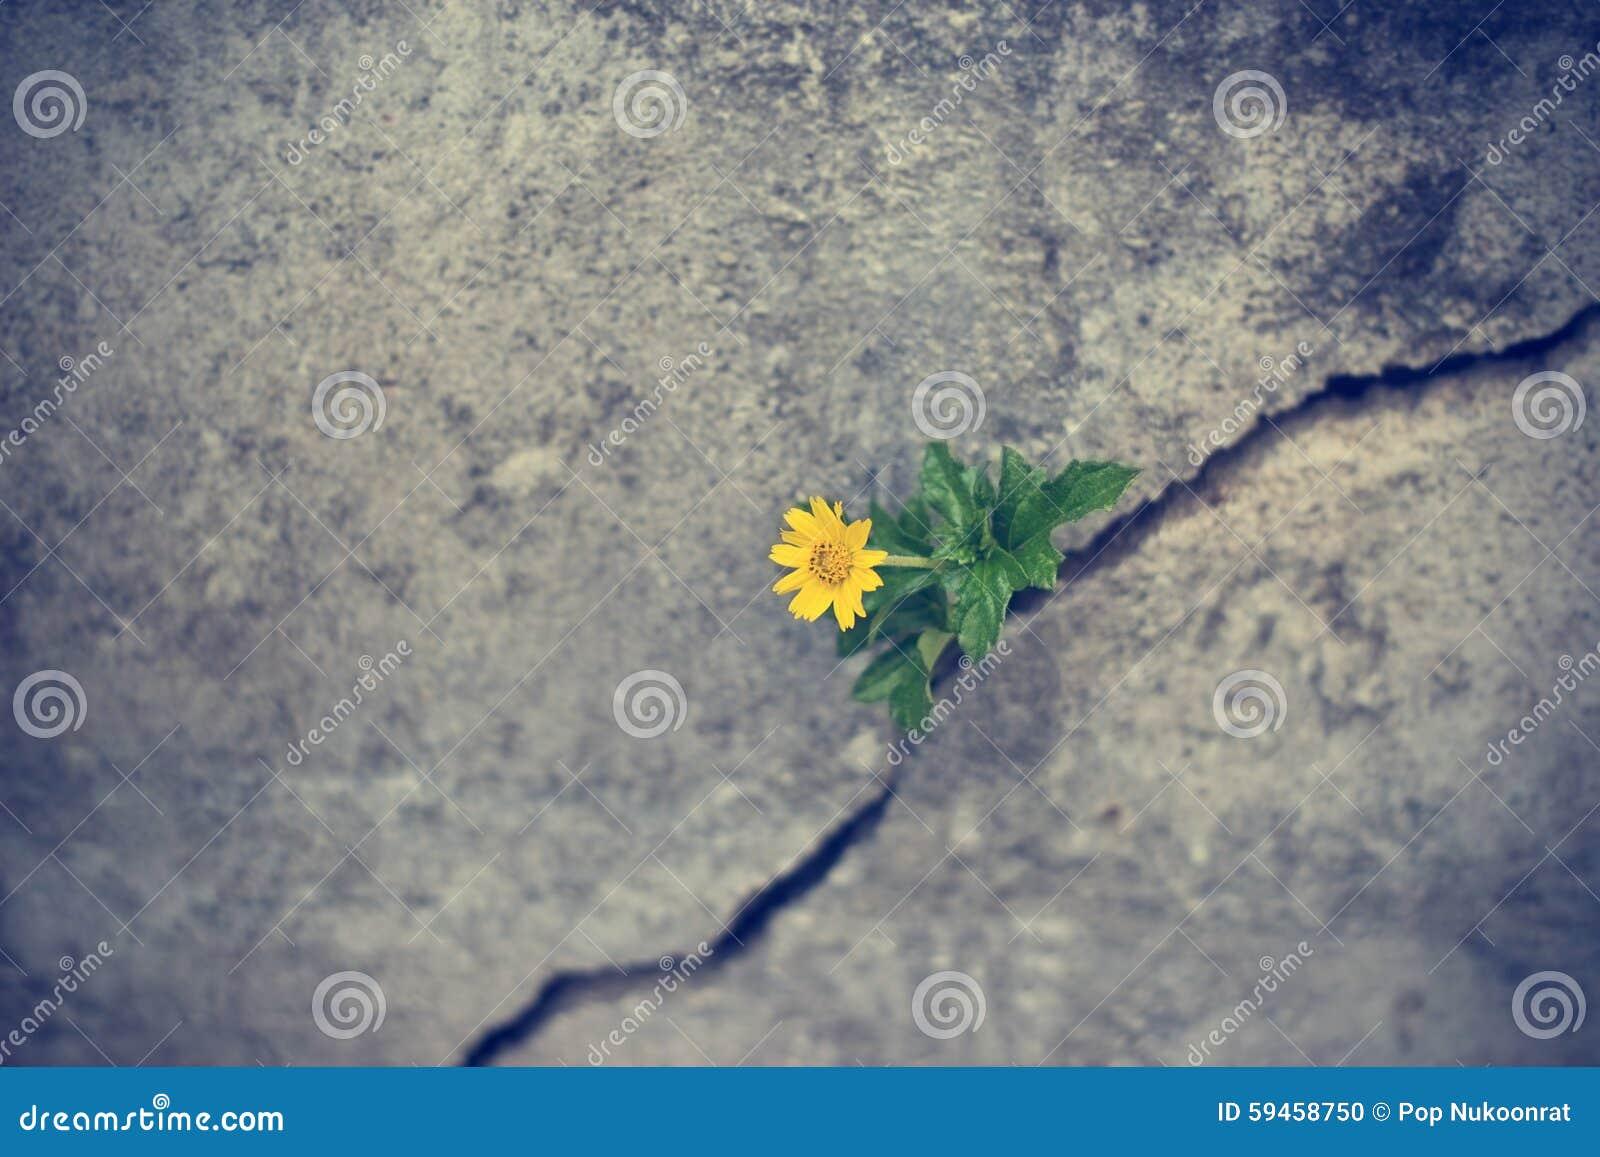 Het gele bloem groeien op barst grunge muur